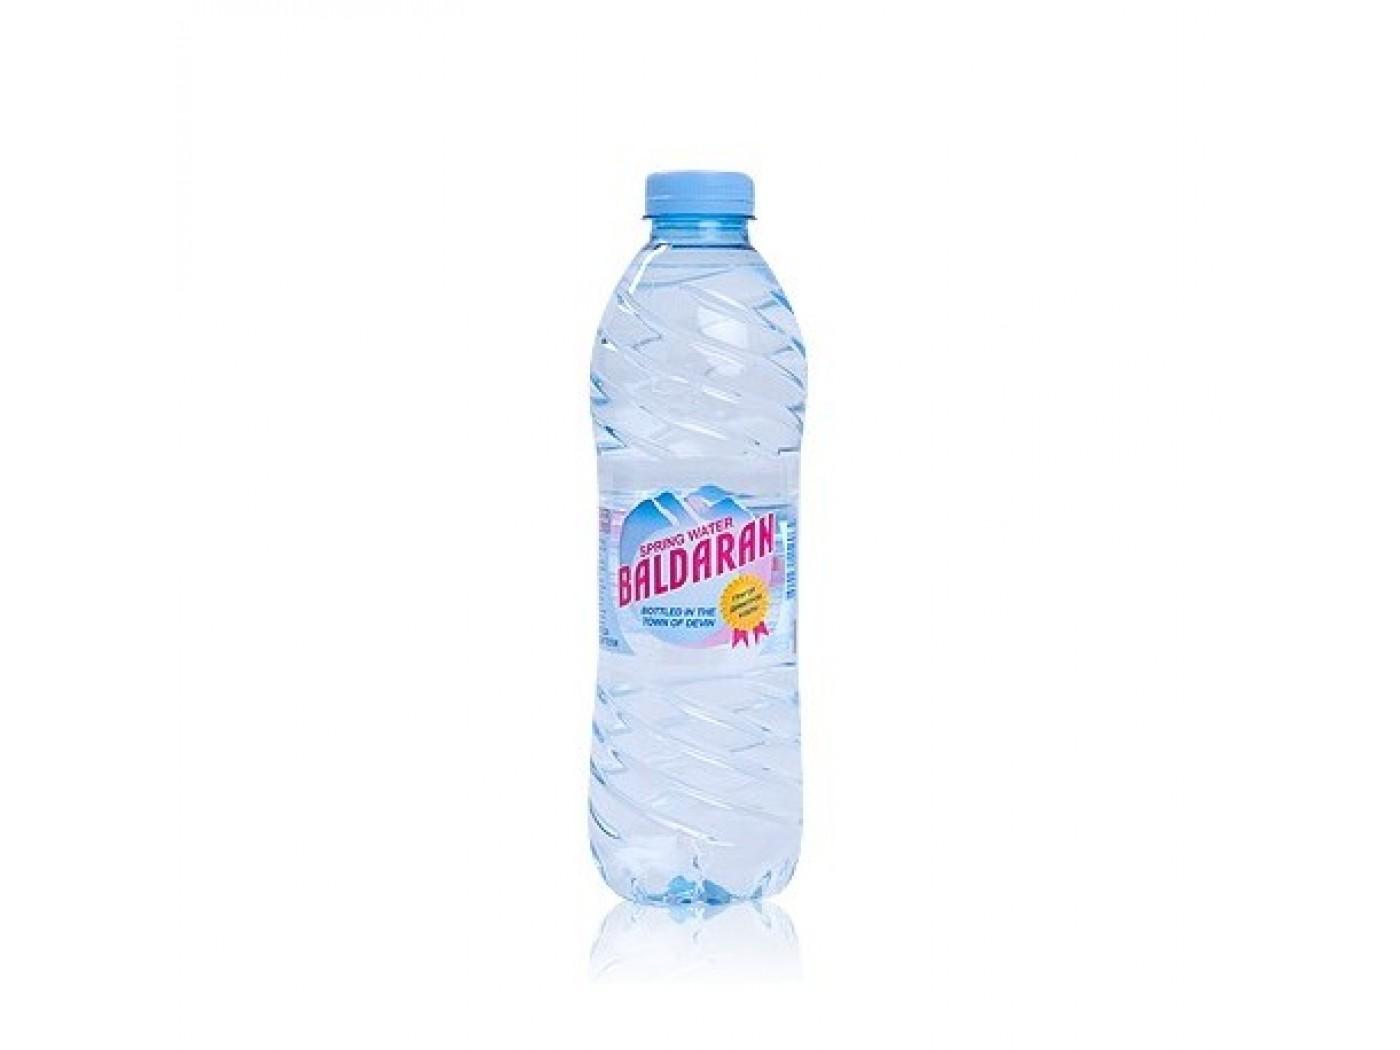 Мин вода Балдаран 0,500